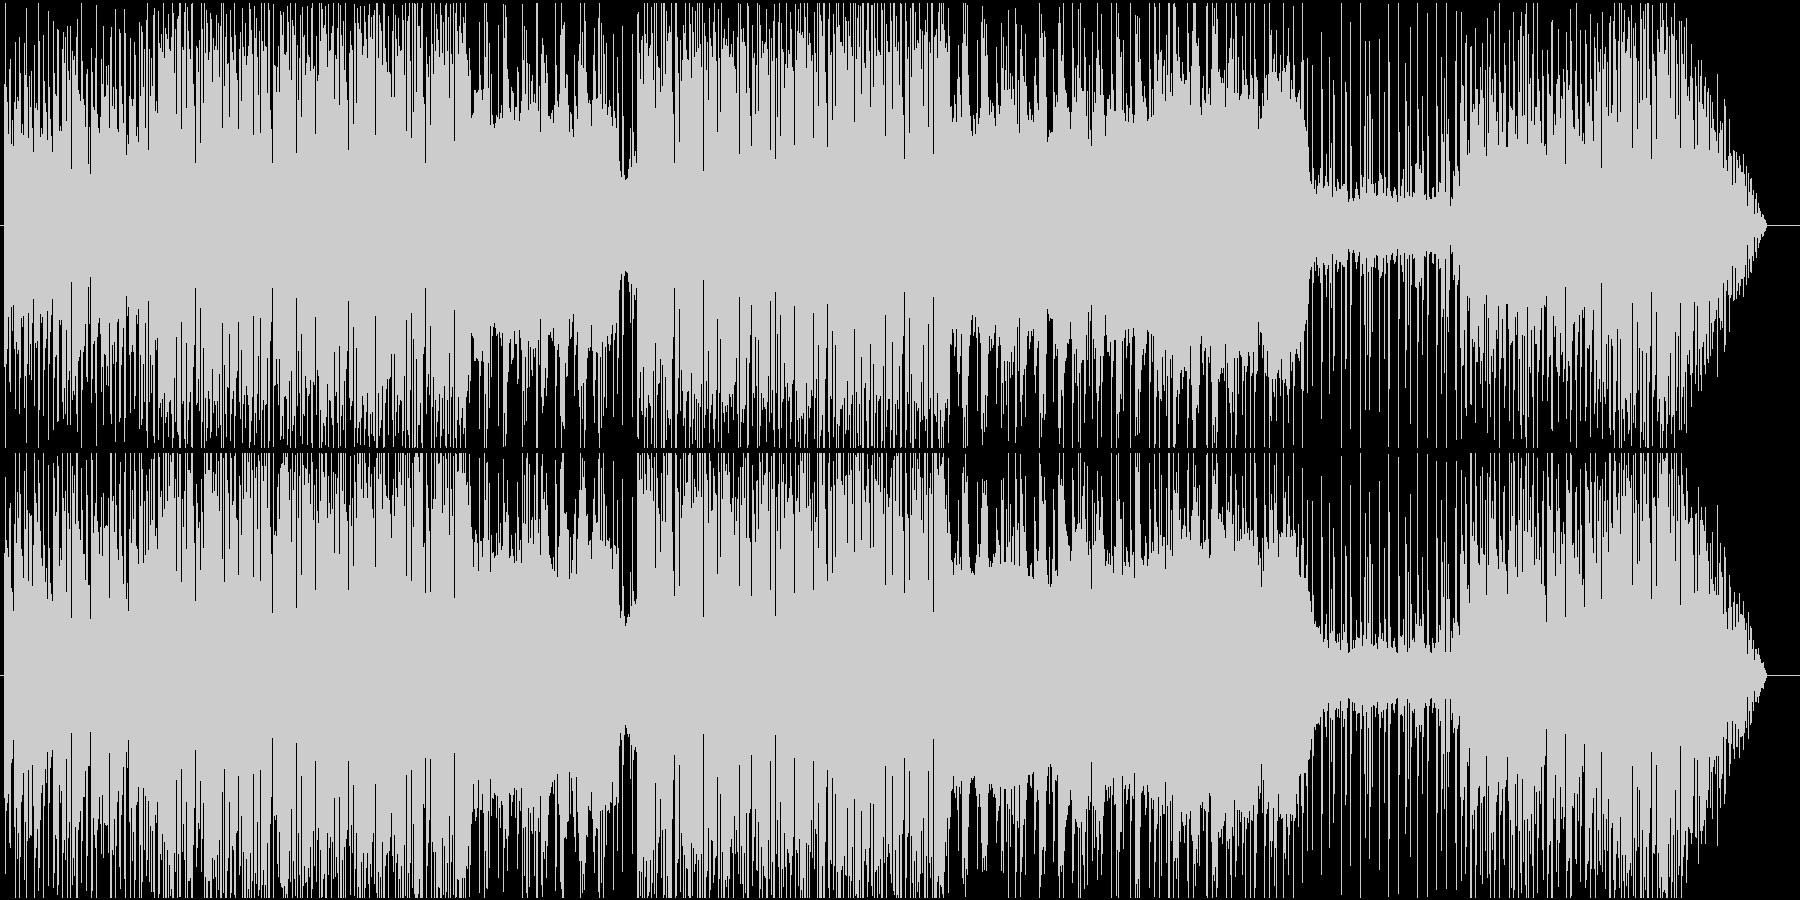 わくわくするようなRPG風BGM の未再生の波形